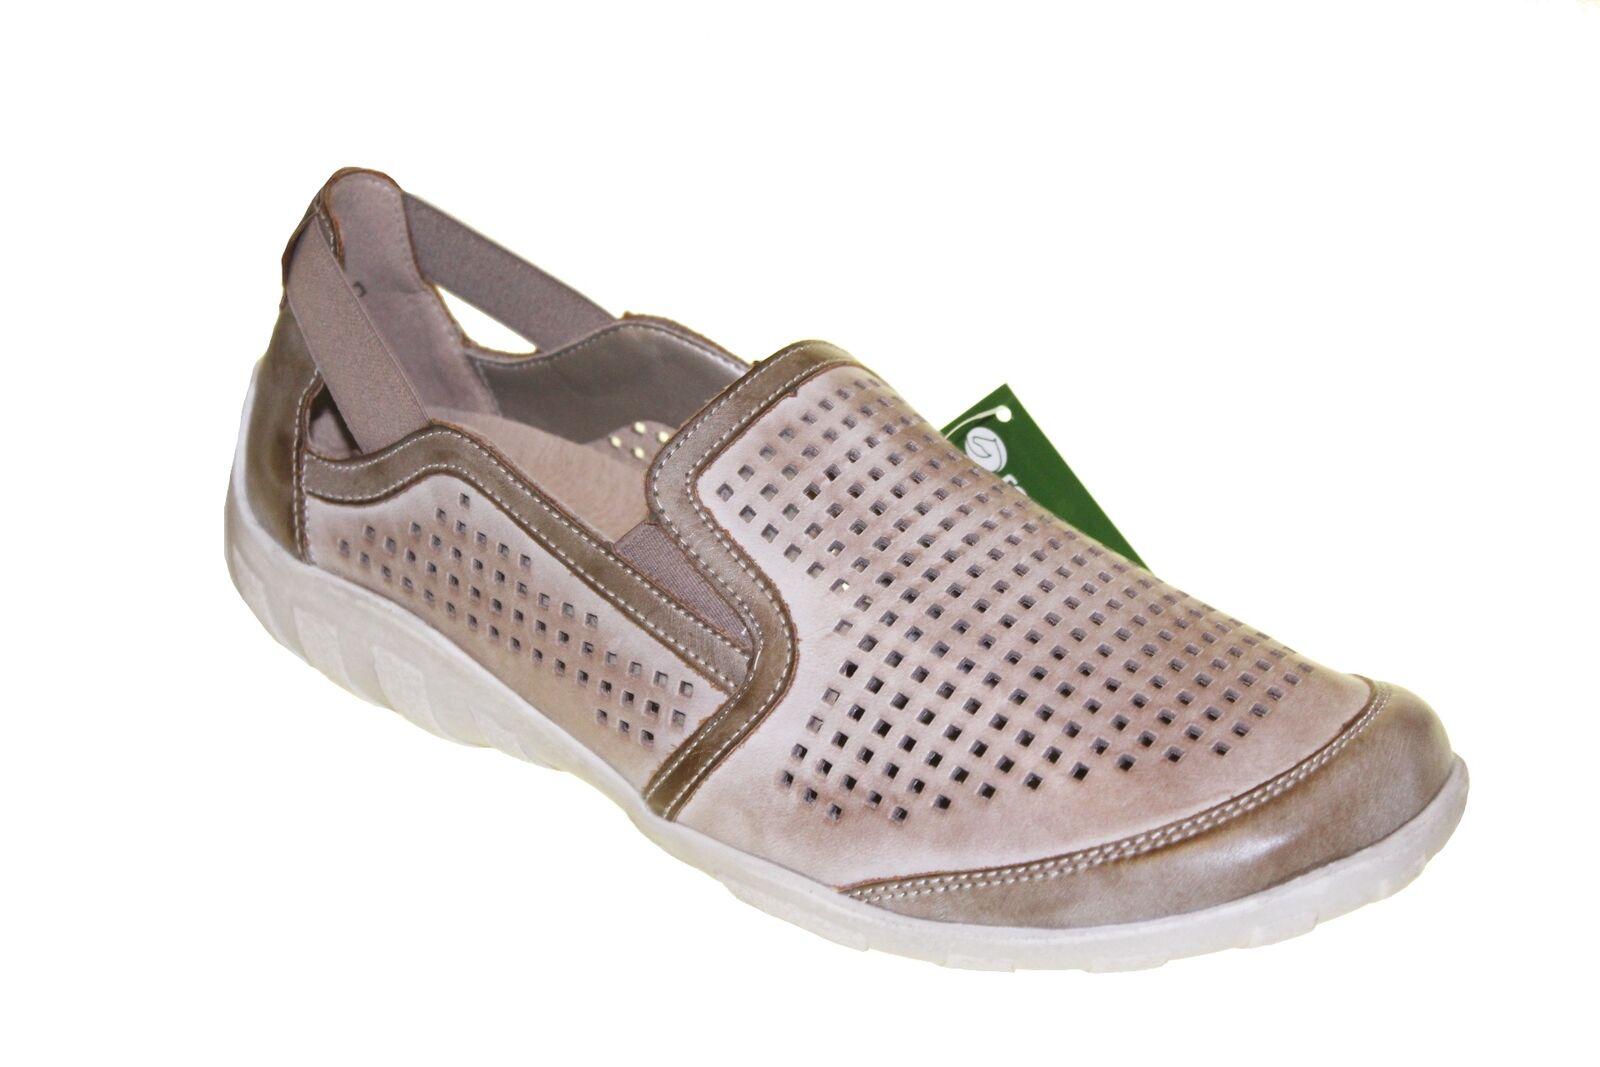 NUOVO Remonte r3425 -62 Ladies scarpe Slip  - on scarpe scarpe da ginnastica Leather re45  vendita all'ingrosso